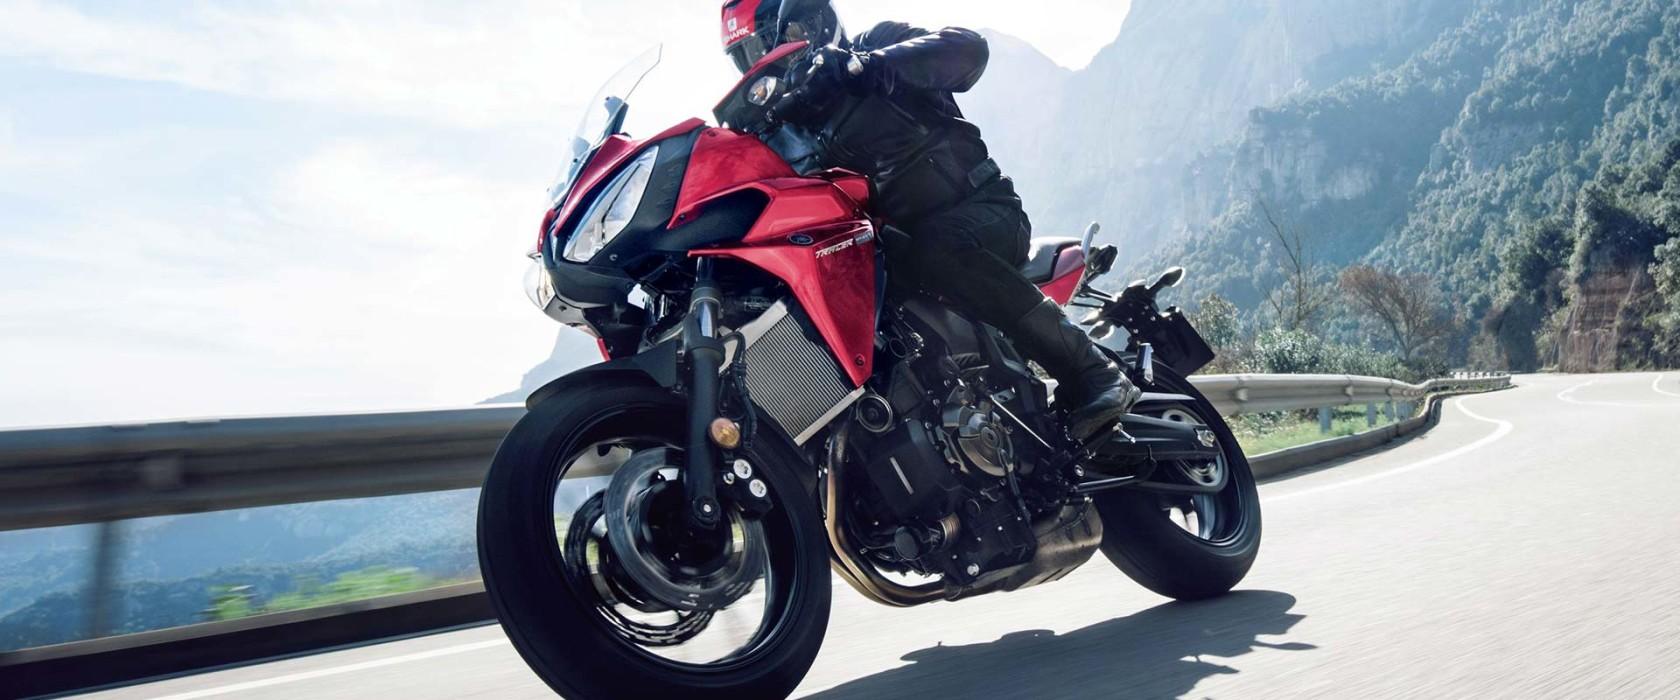 YamahaTracer700-036